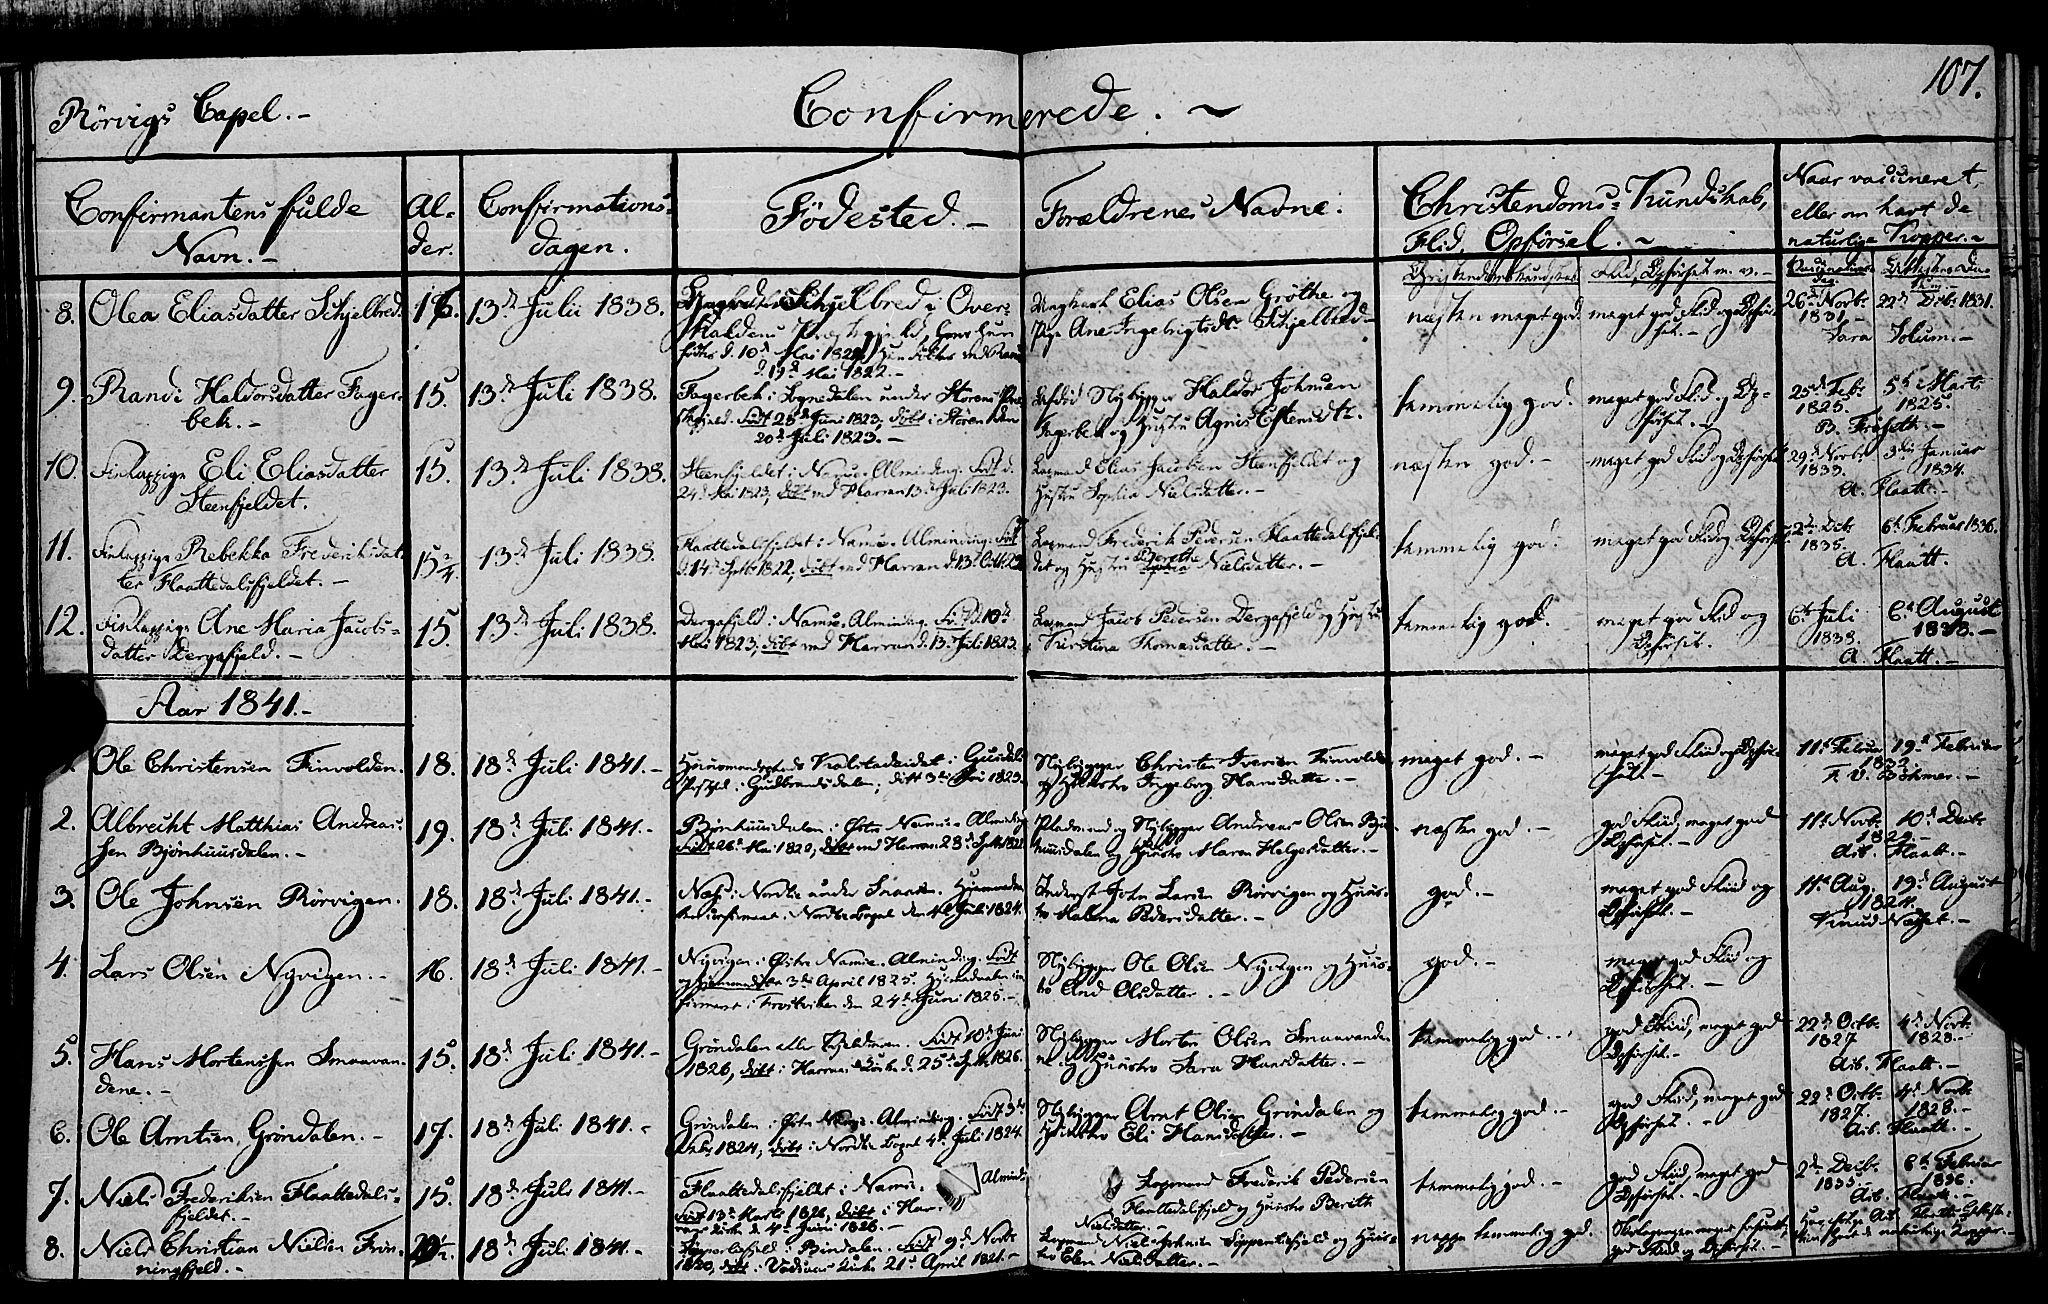 SAT, Ministerialprotokoller, klokkerbøker og fødselsregistre - Nord-Trøndelag, 762/L0538: Ministerialbok nr. 762A02 /1, 1833-1879, s. 107